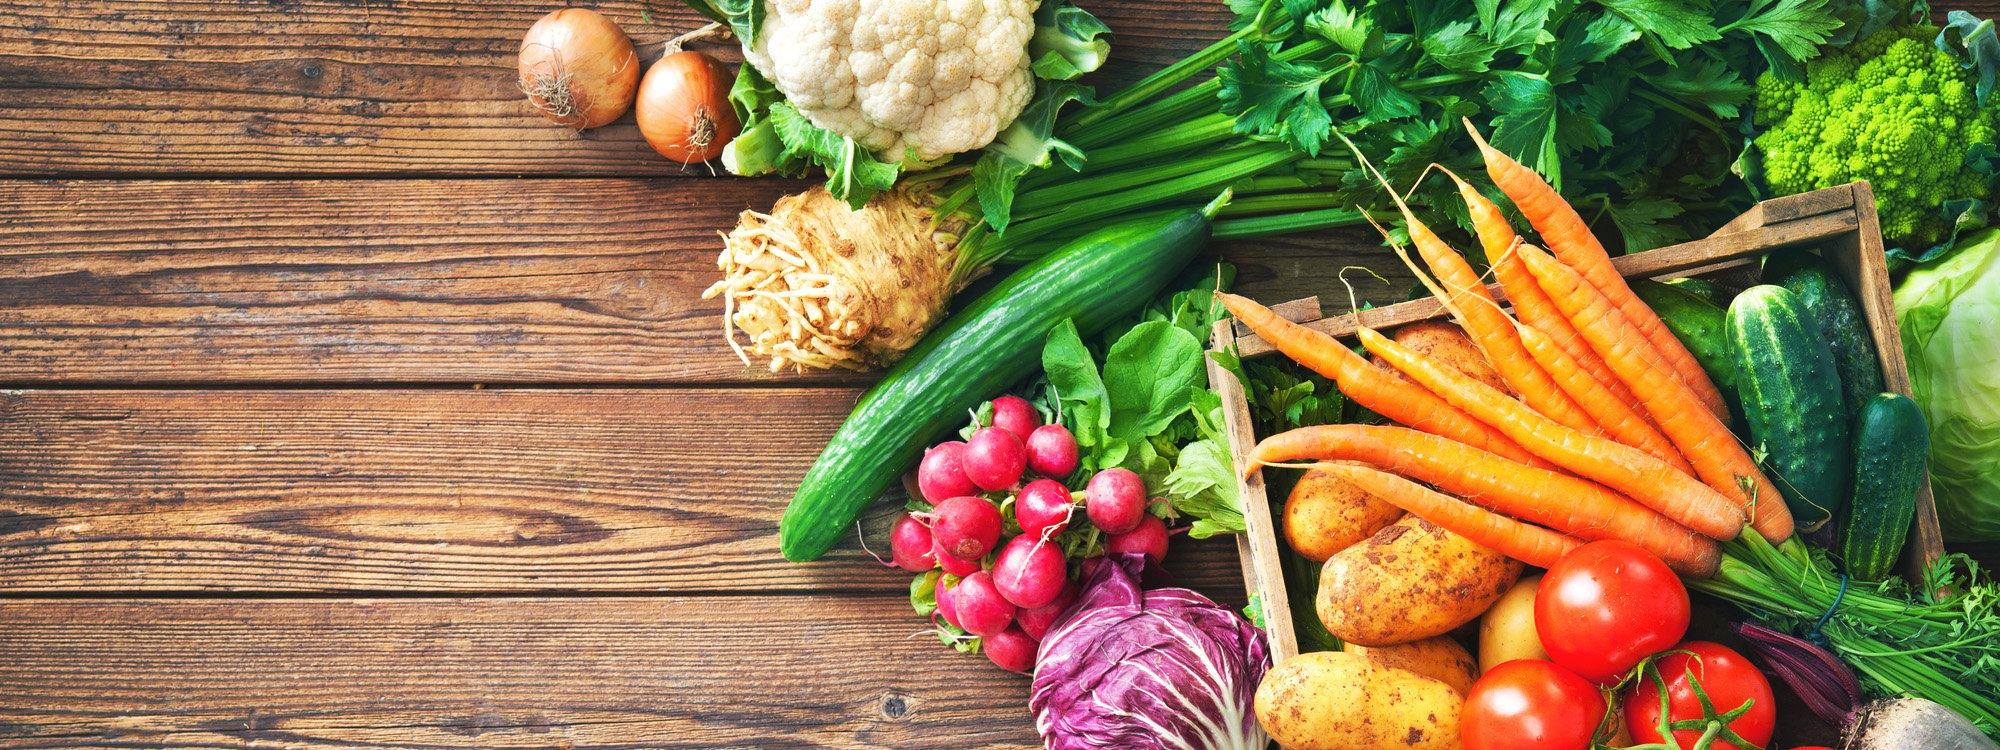 LifeScape Nutrition